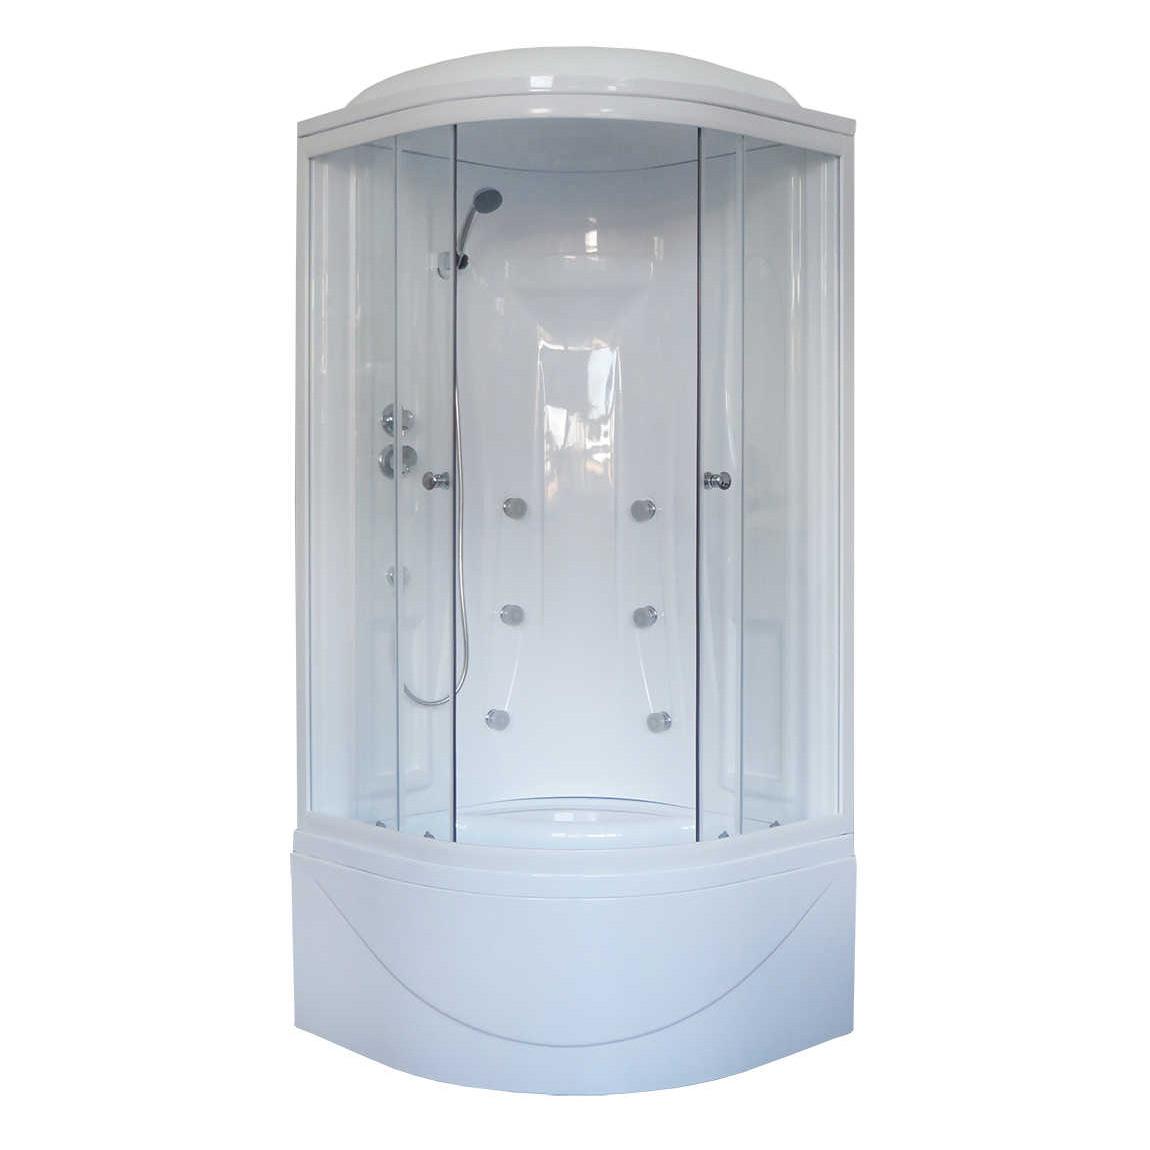 Душевая кабина Royal bath 90BK2-T 90x90x217 белое/прозрачное